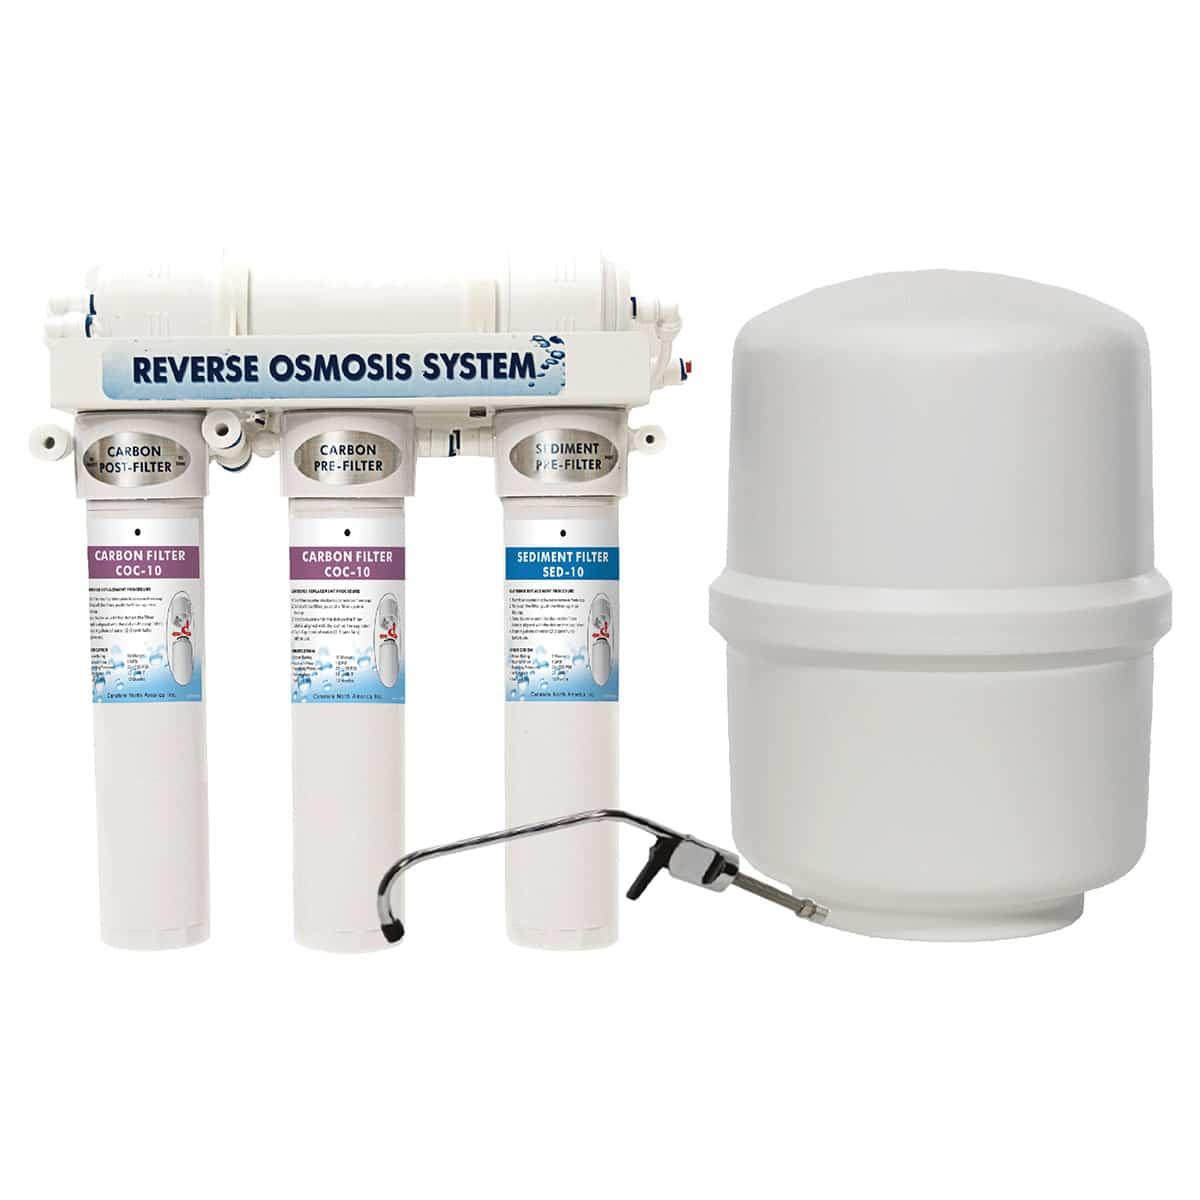 Novo Aquaflo 475 Reverse Osmosis